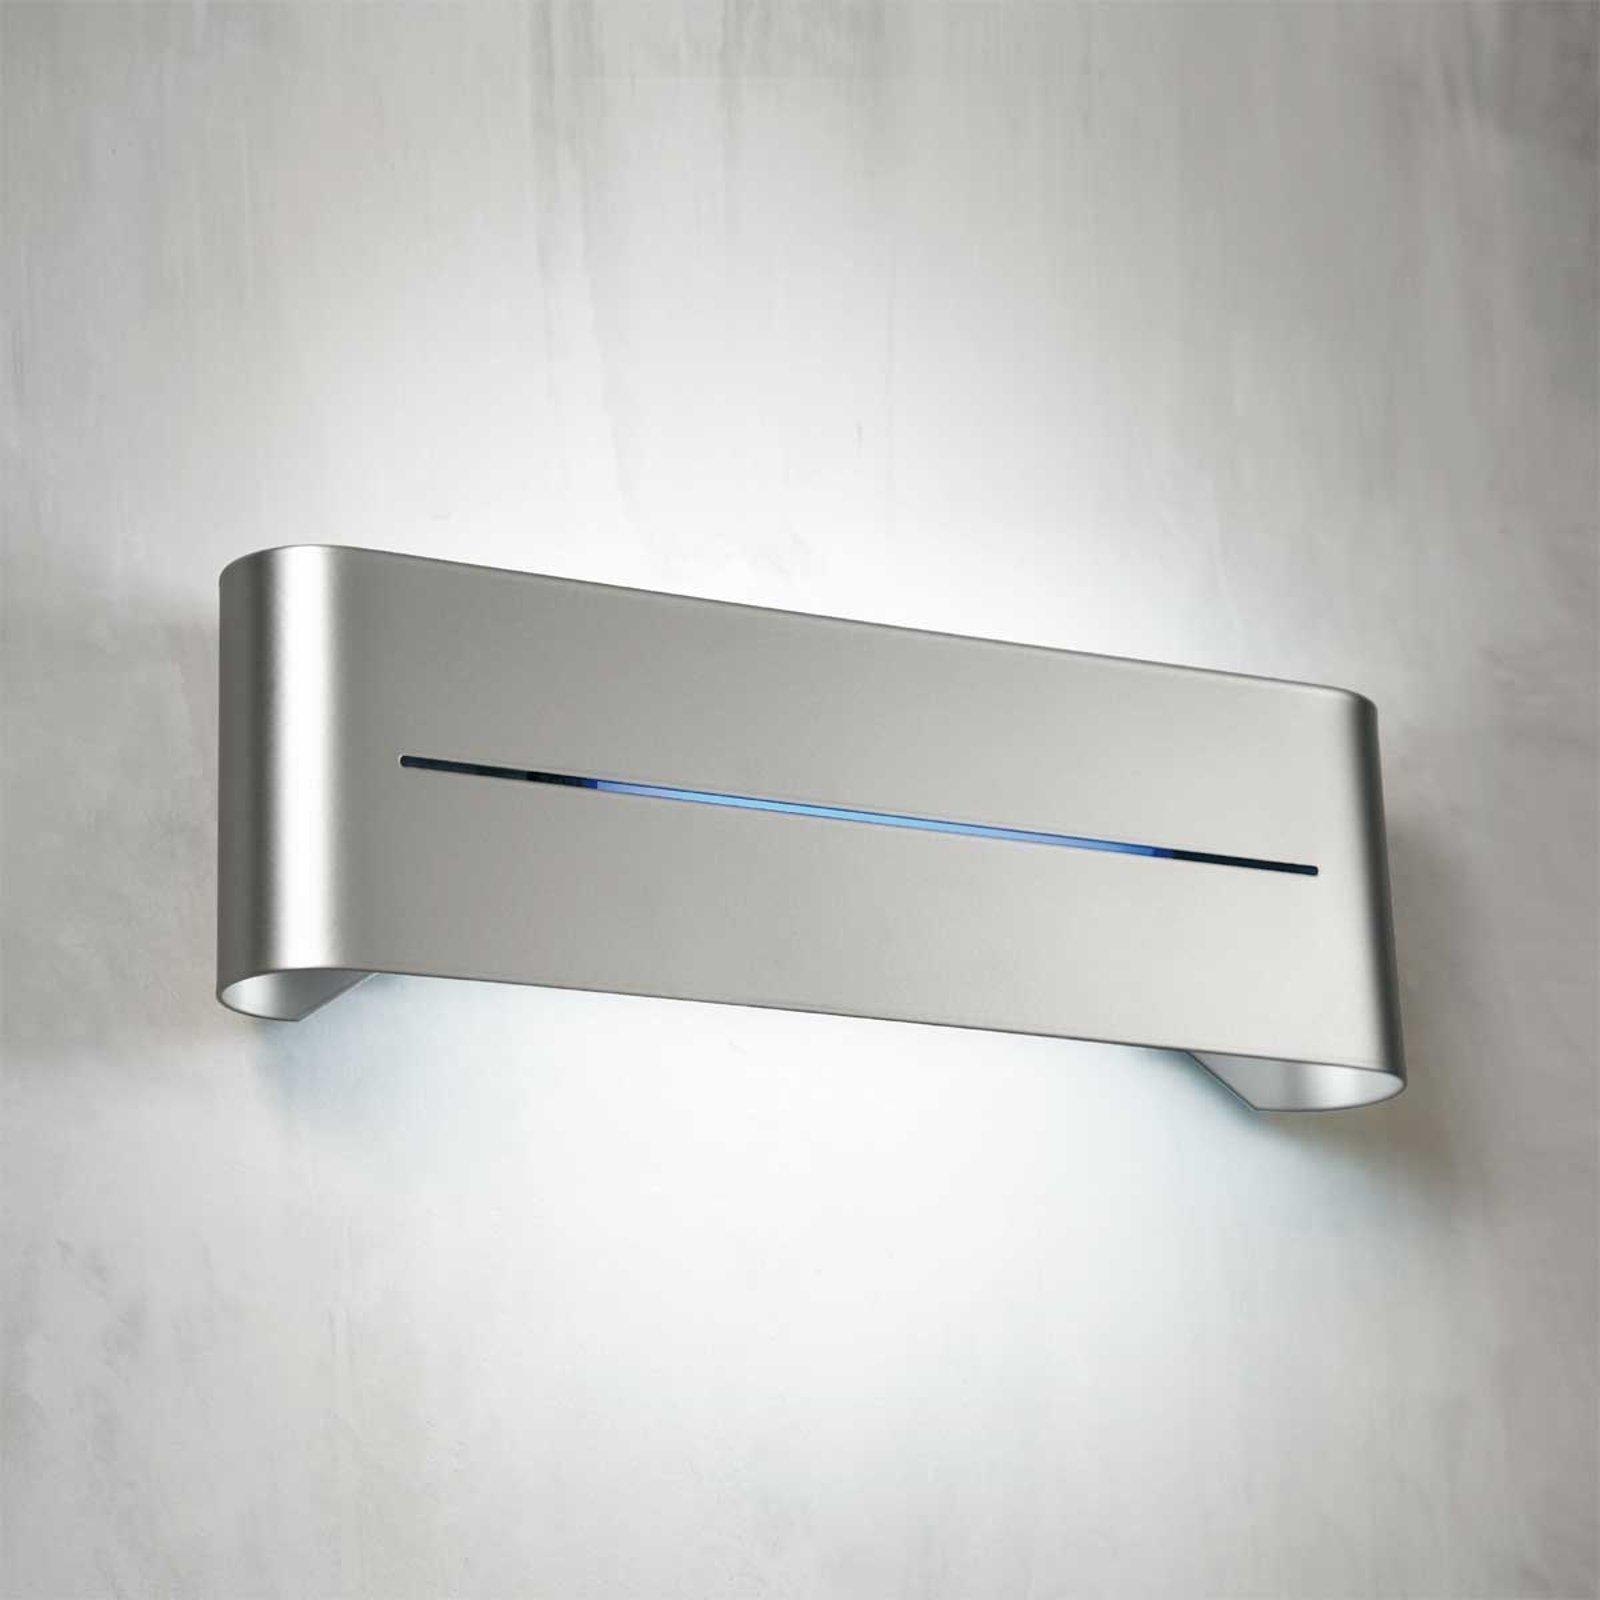 Vegglampe LIMBO med indirekte lys, E27, 38 cm